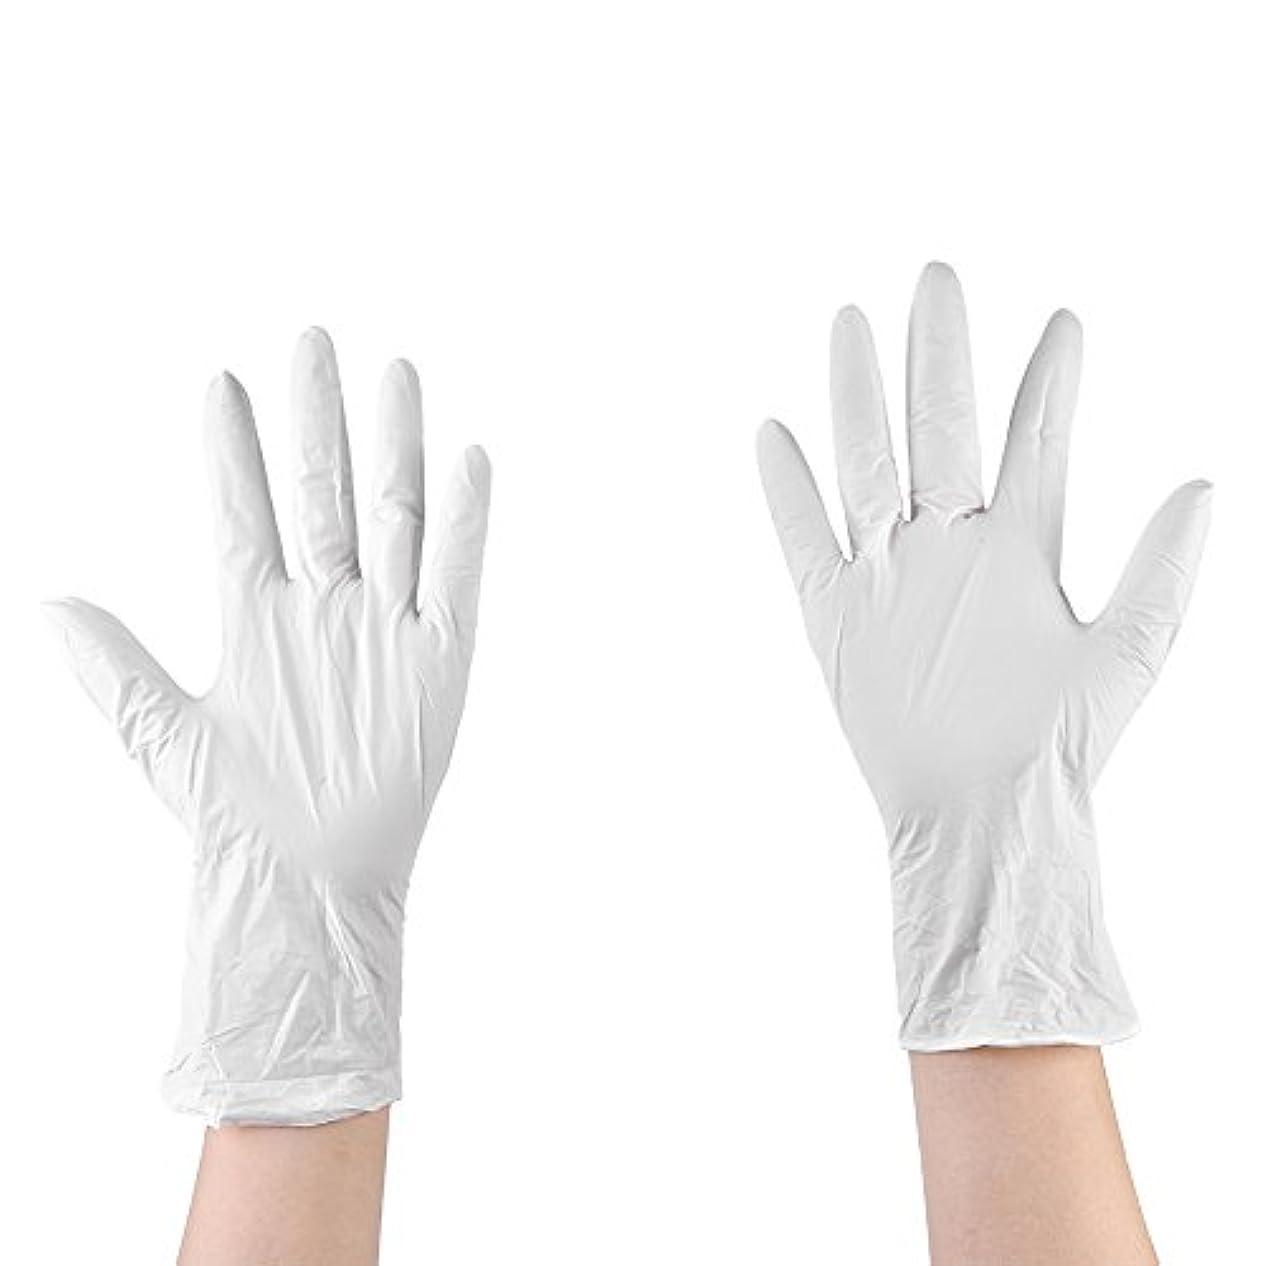 トイレエリートハチ使い捨て手袋 ニトリルグローブ ホワイト 粉なし タトゥー/歯科/病院/研究室に適応 M/L選択可 50枚 左右兼用 作業手袋(M)